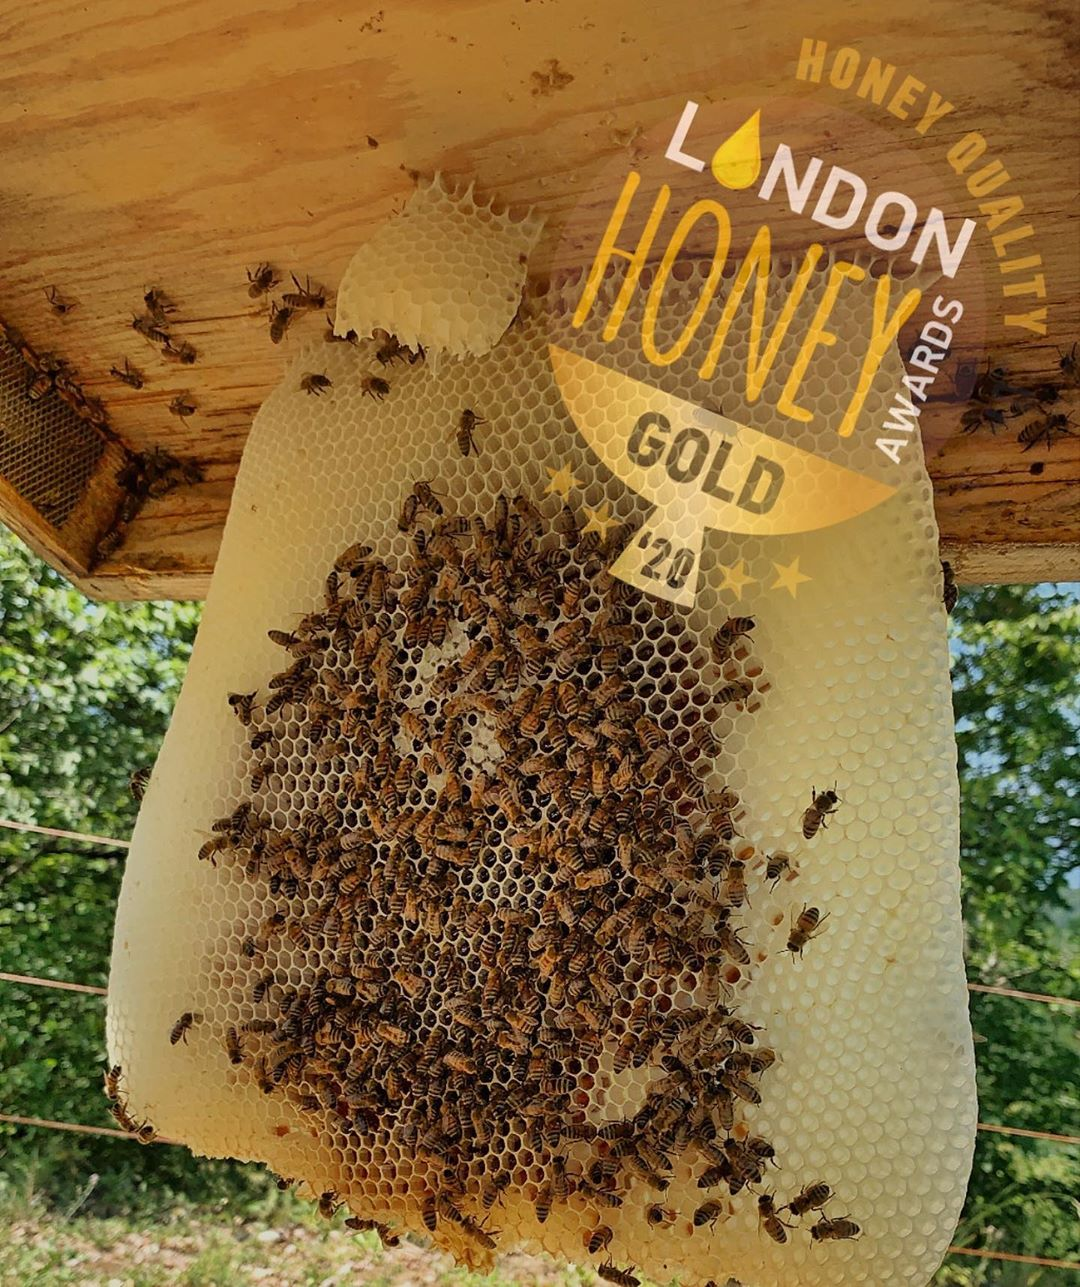 Bio Honig ausgezeichnet mit einer Gold Medaille